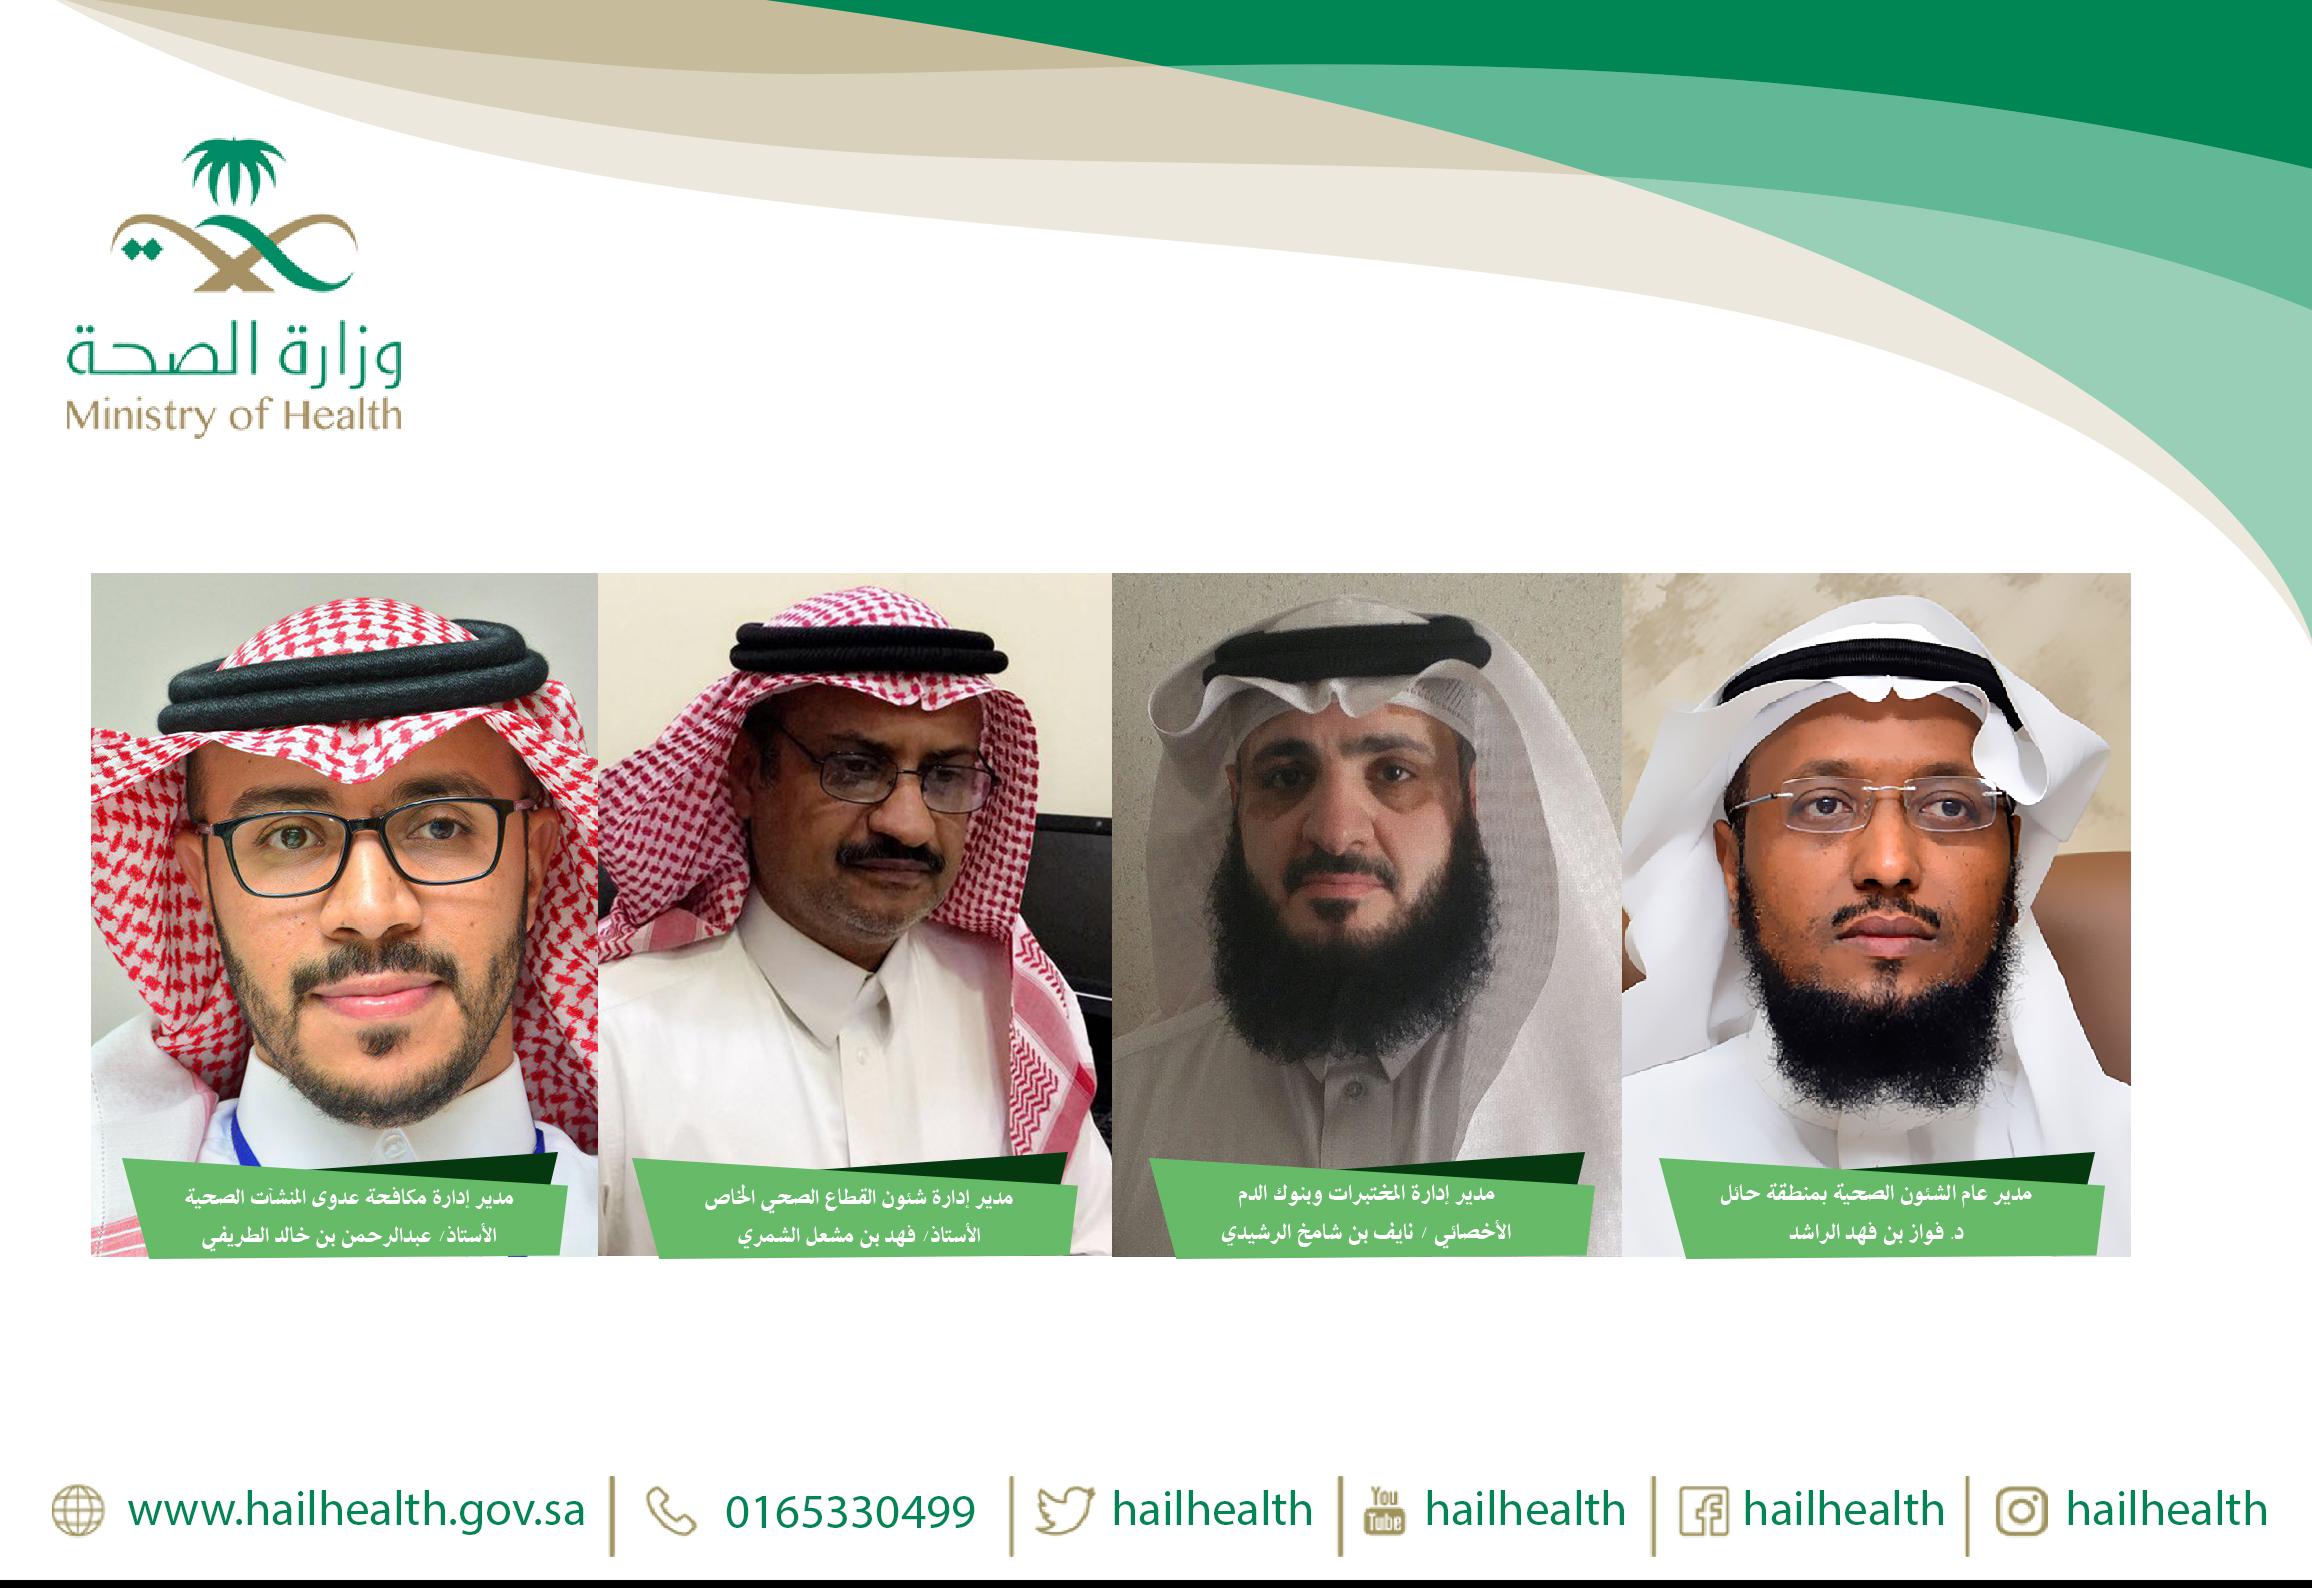 مدير عام صحة حائل يصدر عددا من القرارت الإدارية الجديدة المديرية العامة للشؤون الصحية بحائل